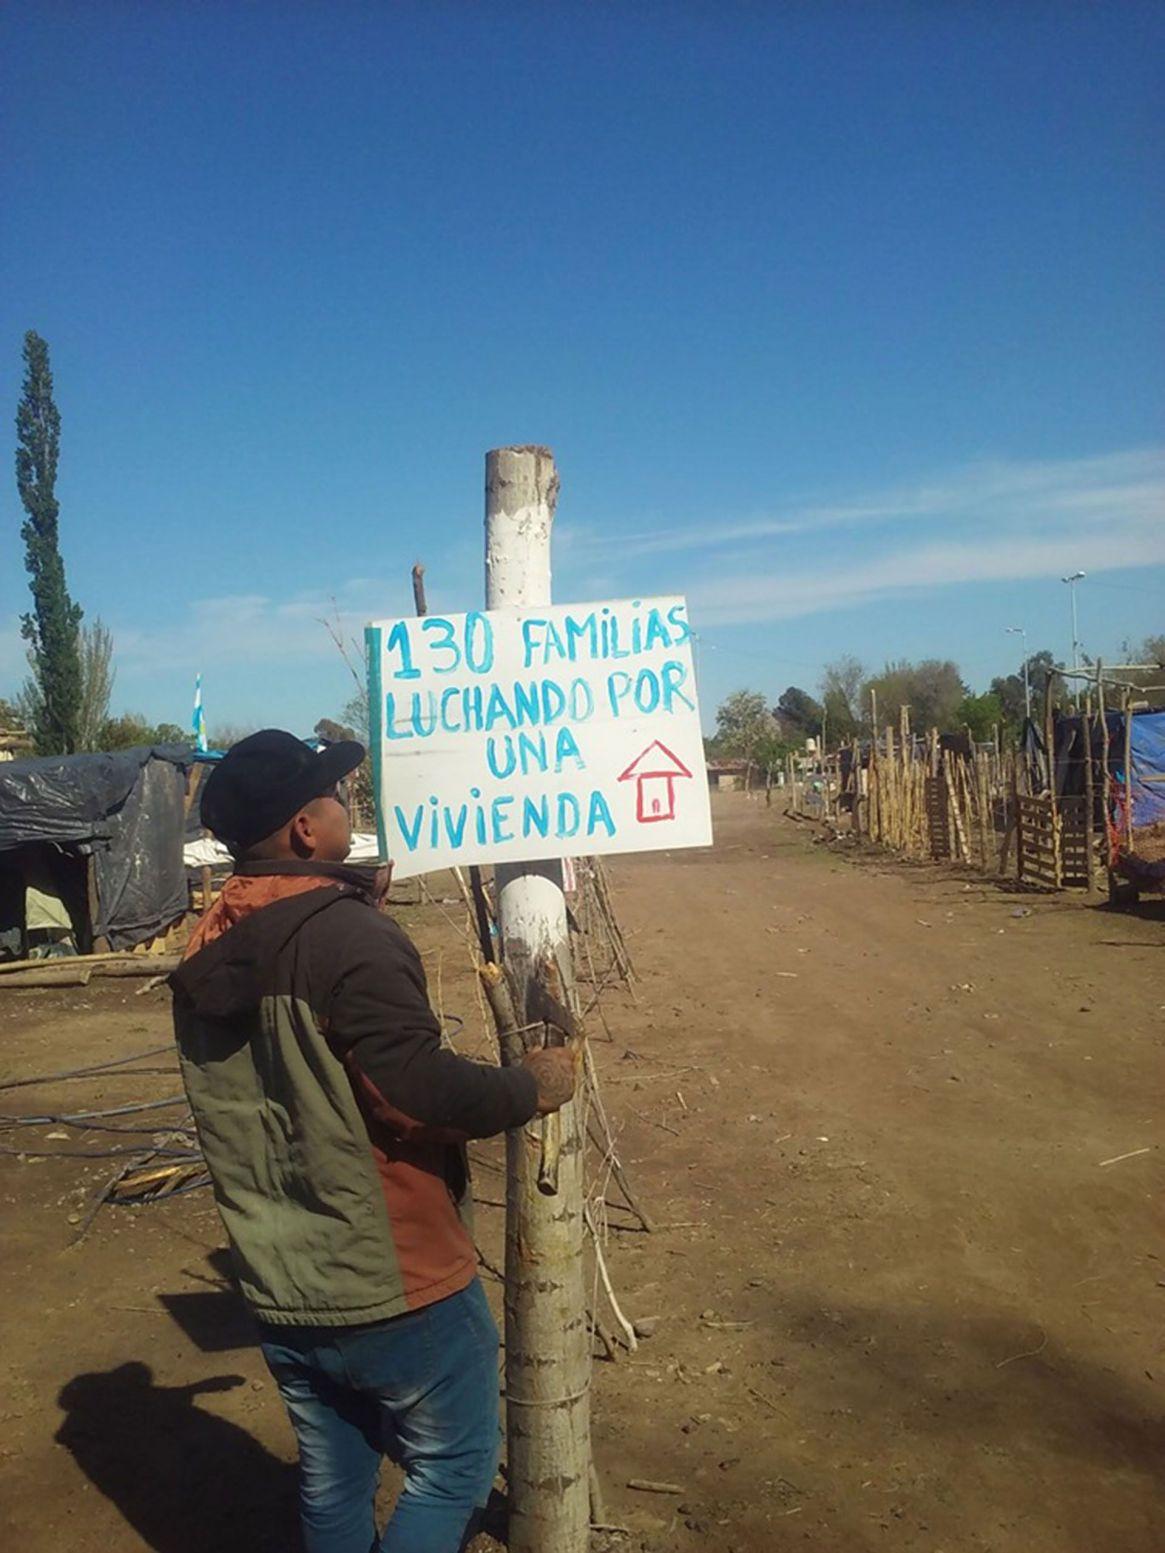 Las 130 familias del predio tomado reclaman el derecho a una vivienda digna